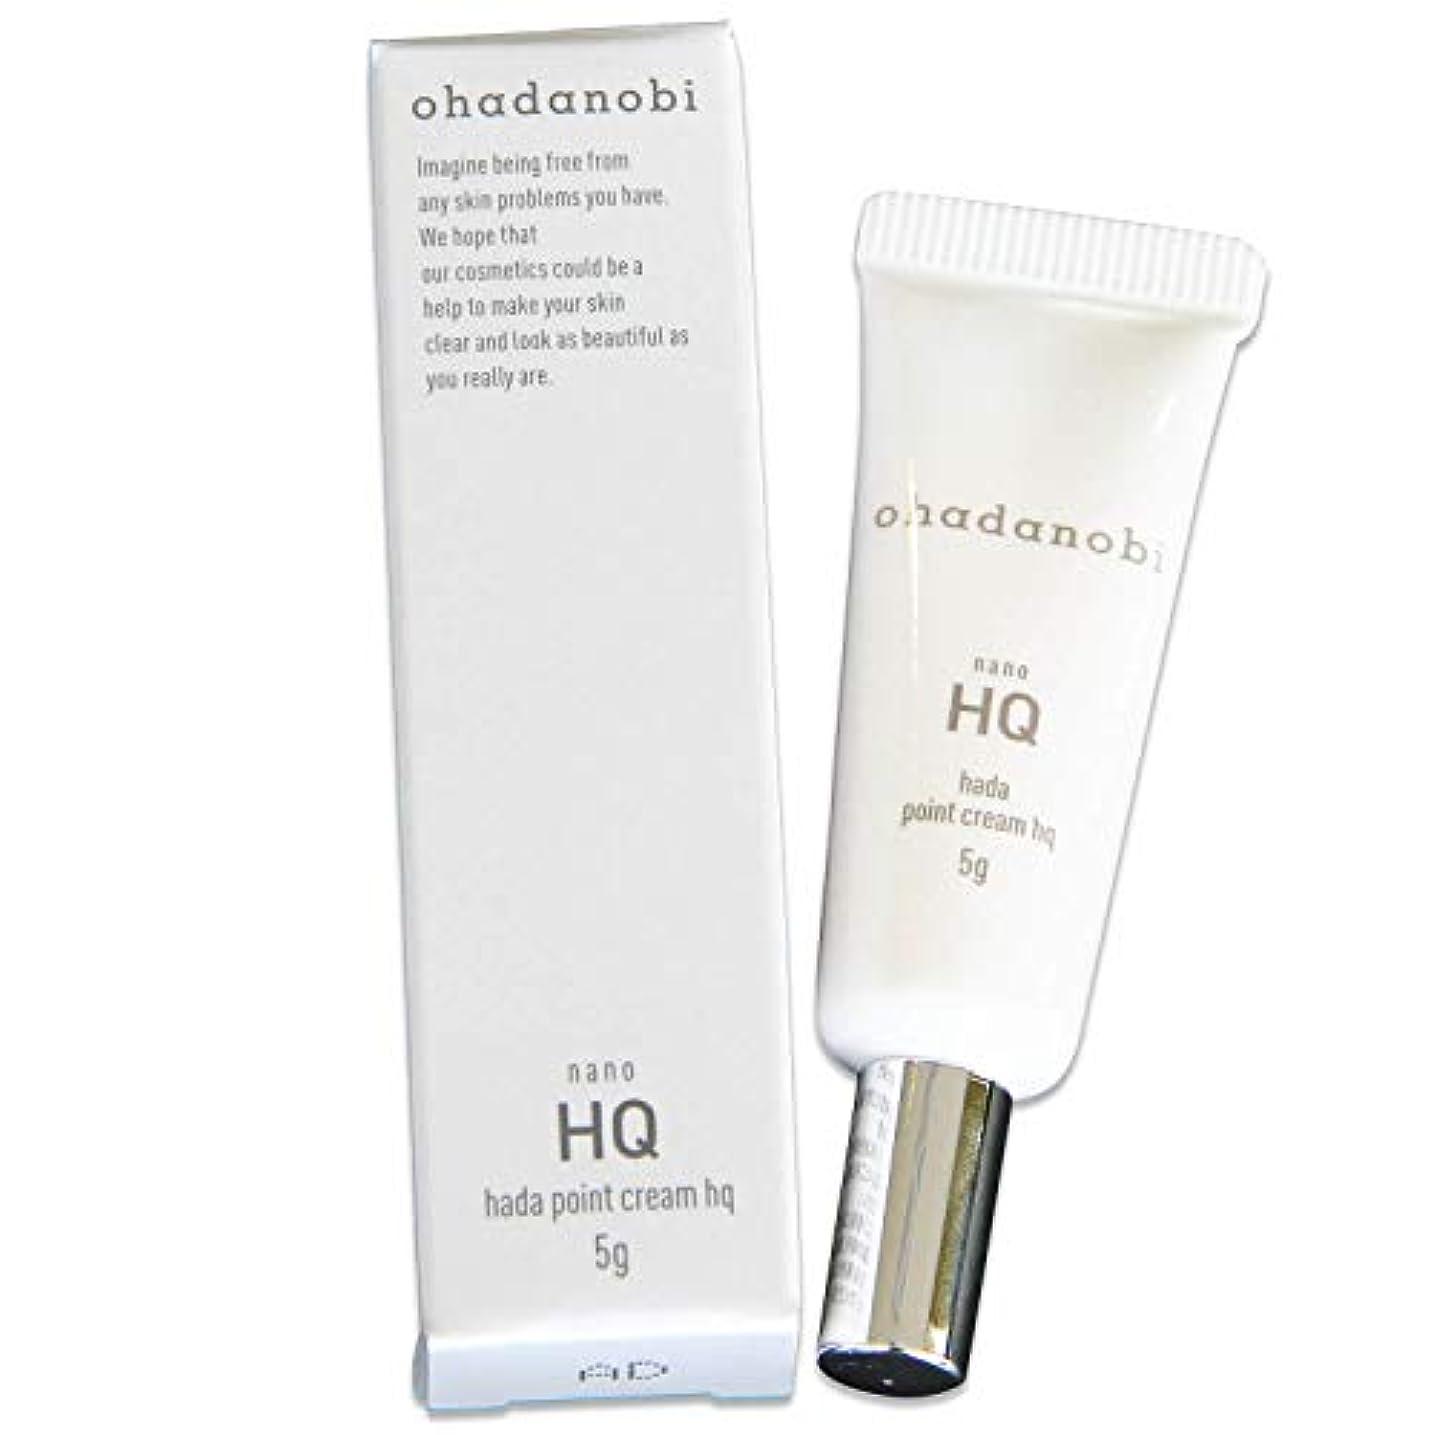 ペルセウス取り替えるソーダ水ハイドロキノン 4% 配合 日本製 ハダポイントクリームHQ オハダノビ